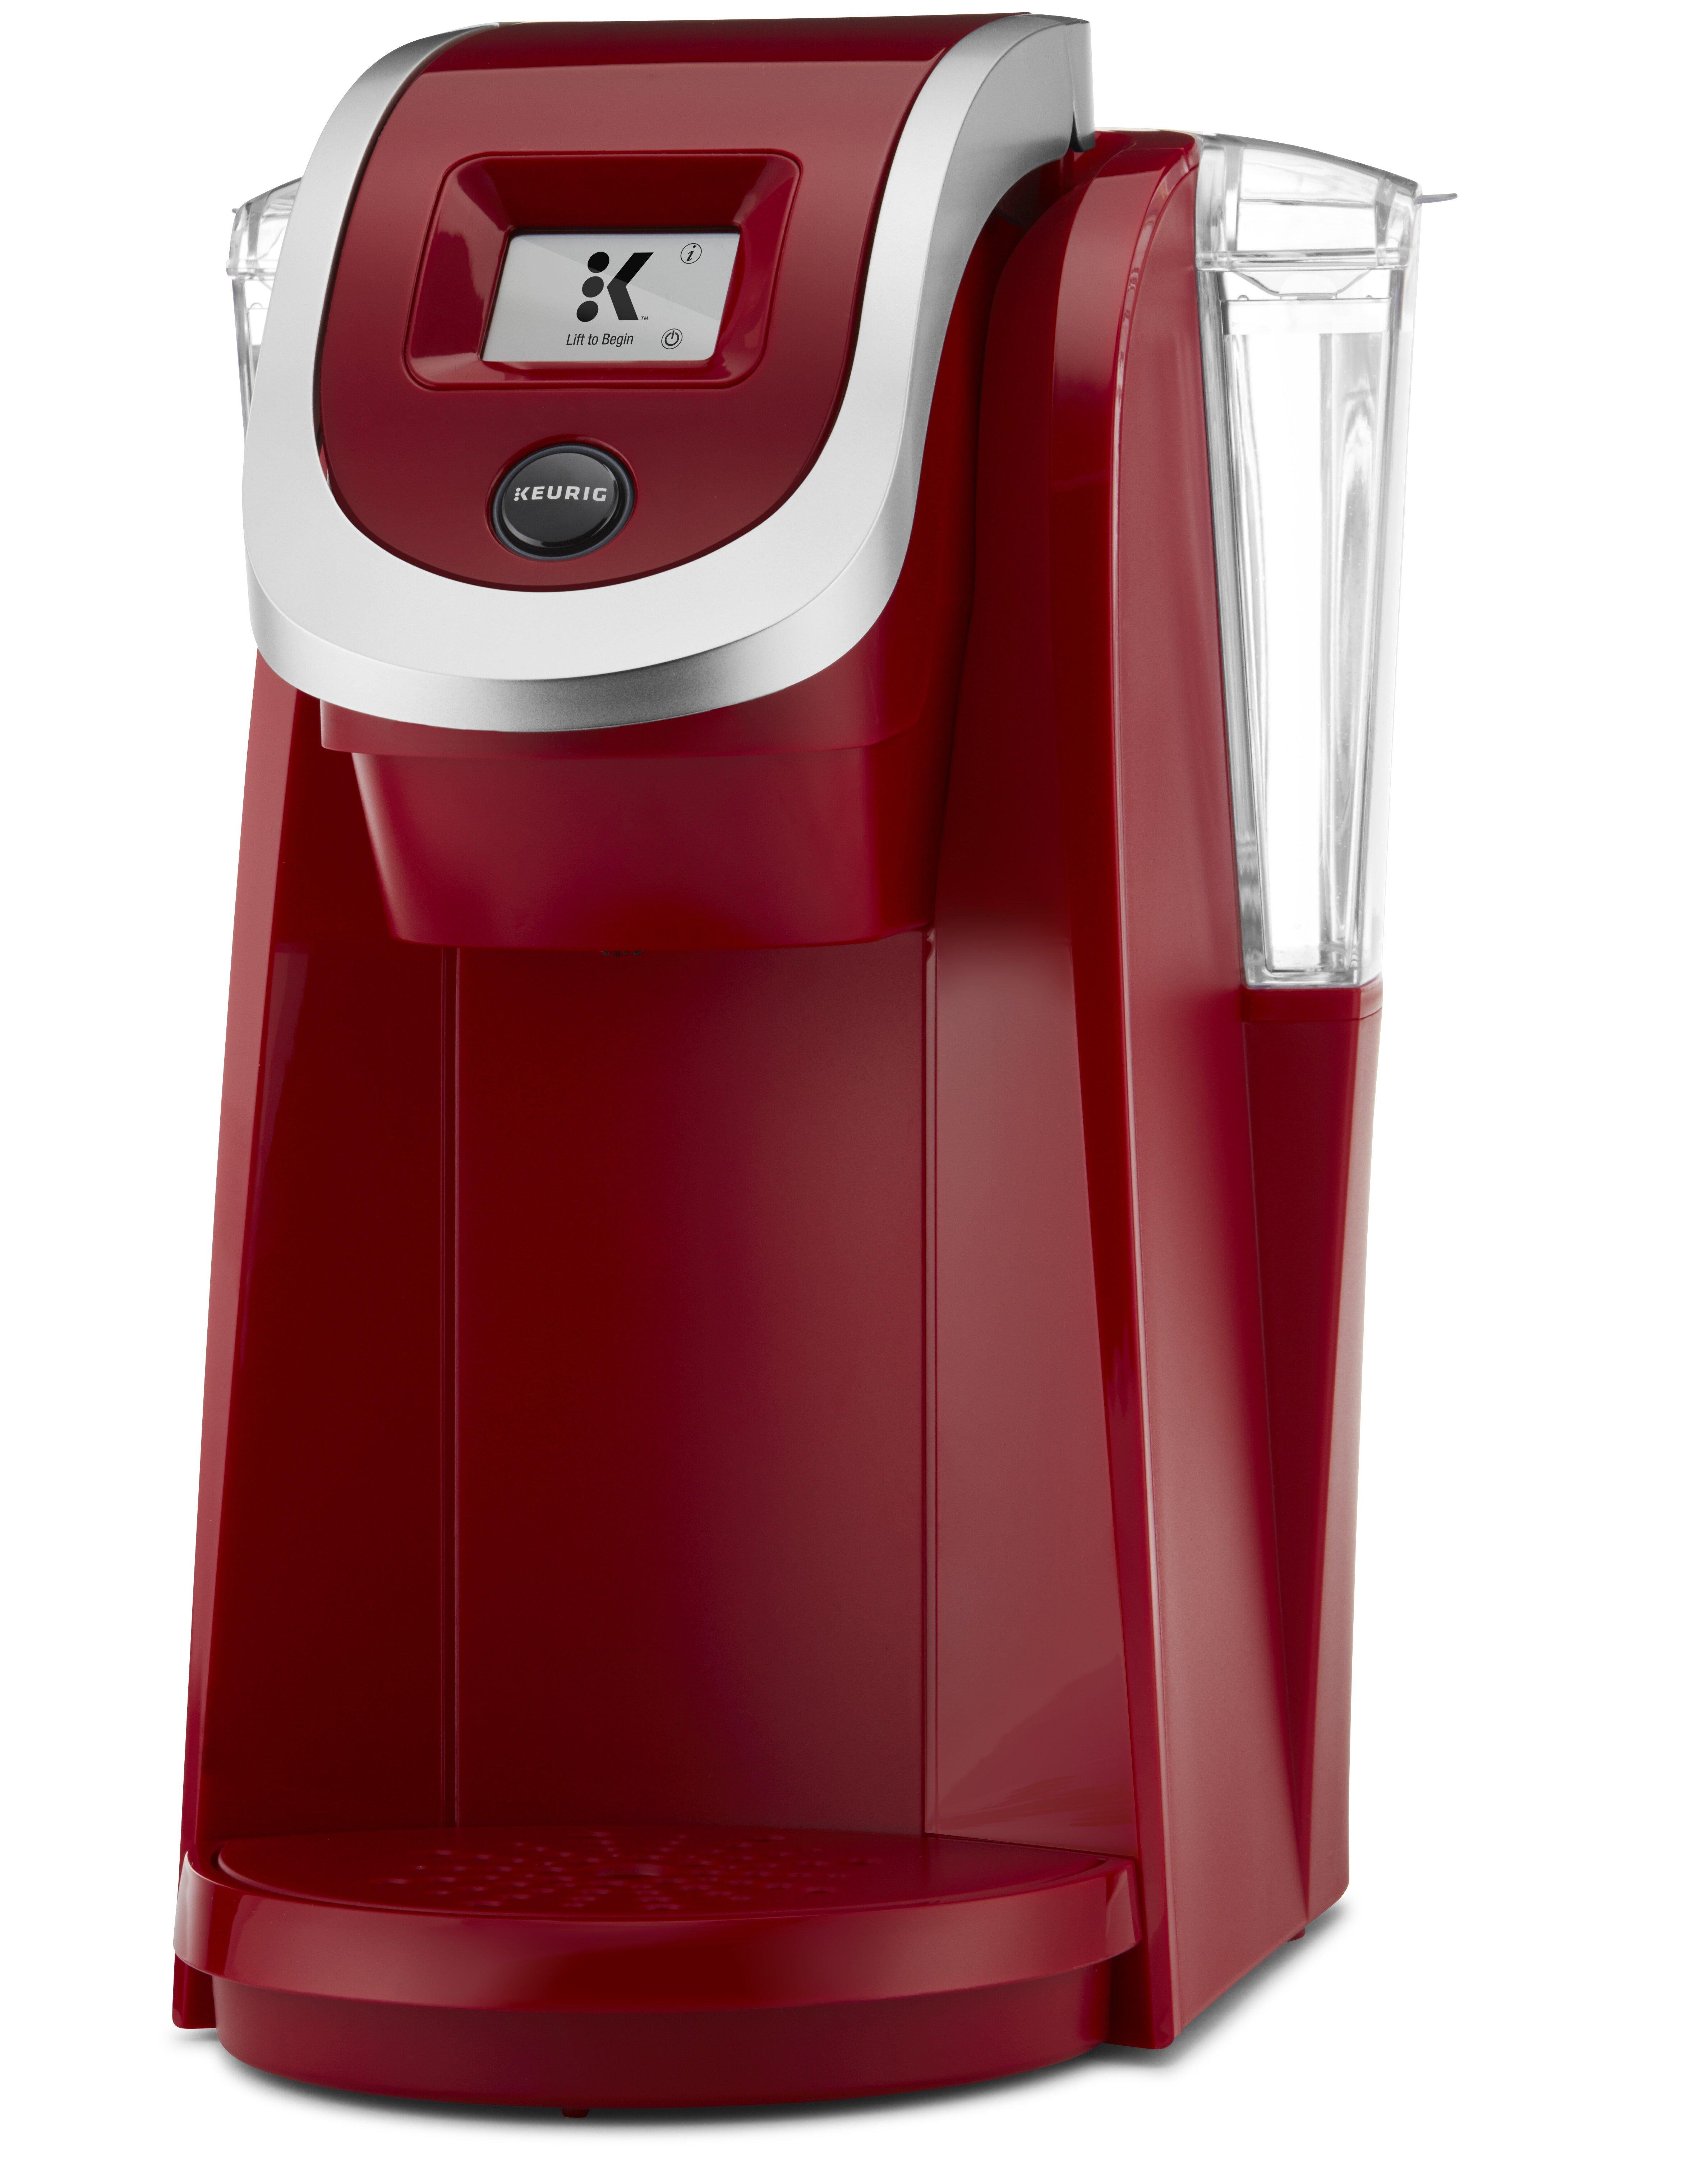 Keurig K250 Single Serve K Cup Pod Coffee Maker Reviews Wayfair